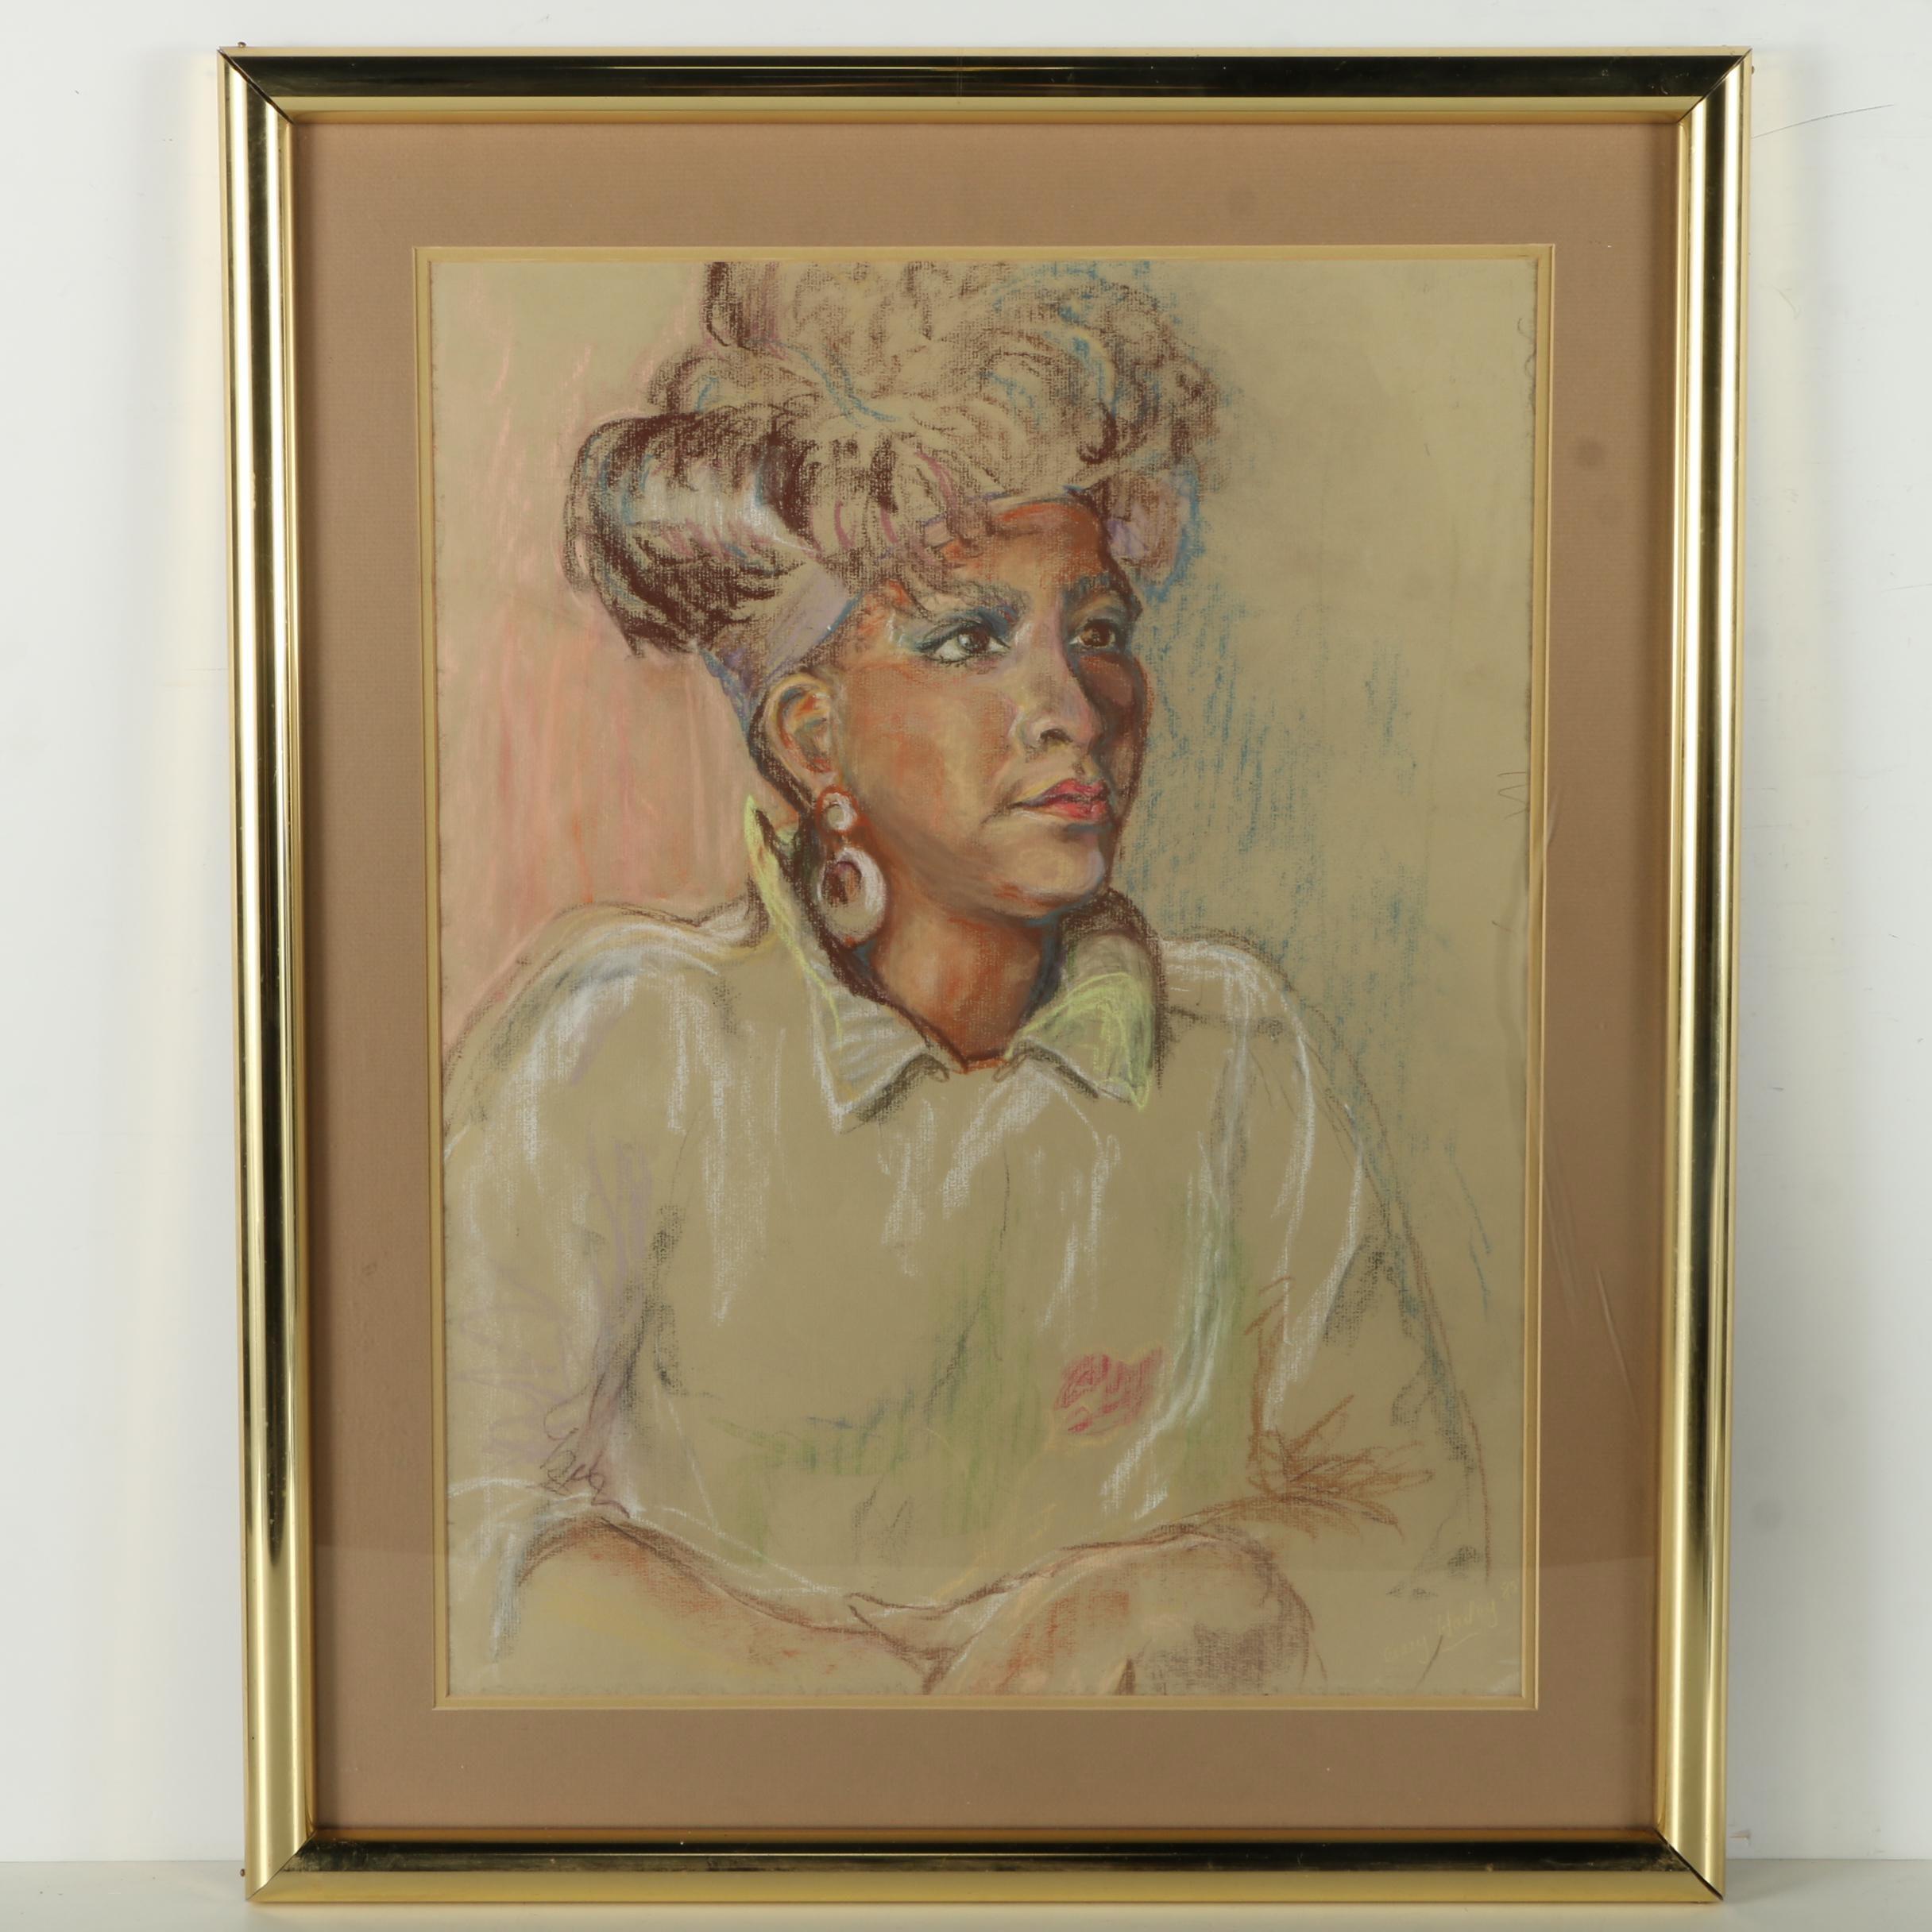 Ceacy Hailey Pastel Portrait of a Woman